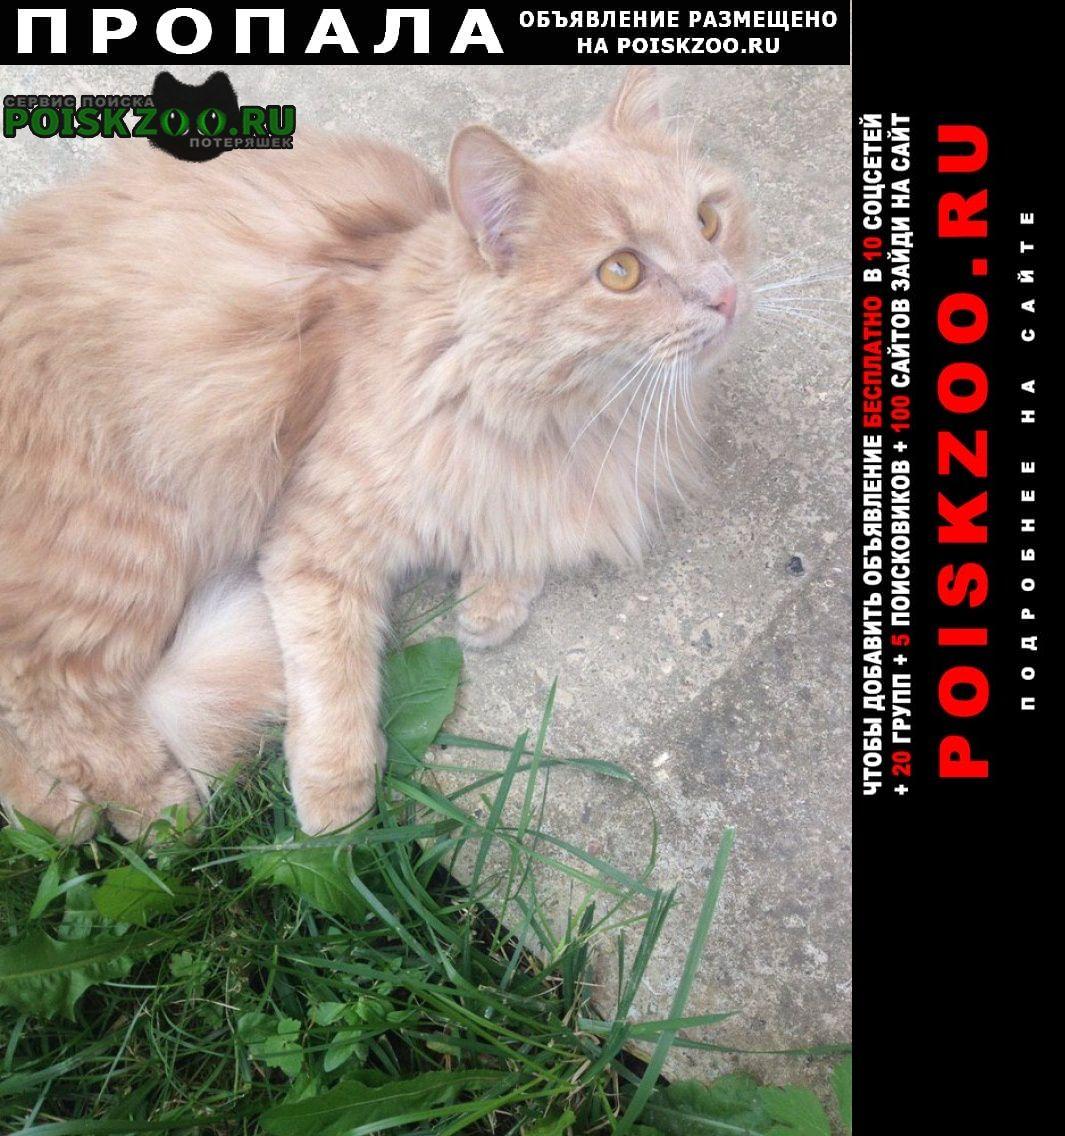 Пропала кошка рыжий кот Истра